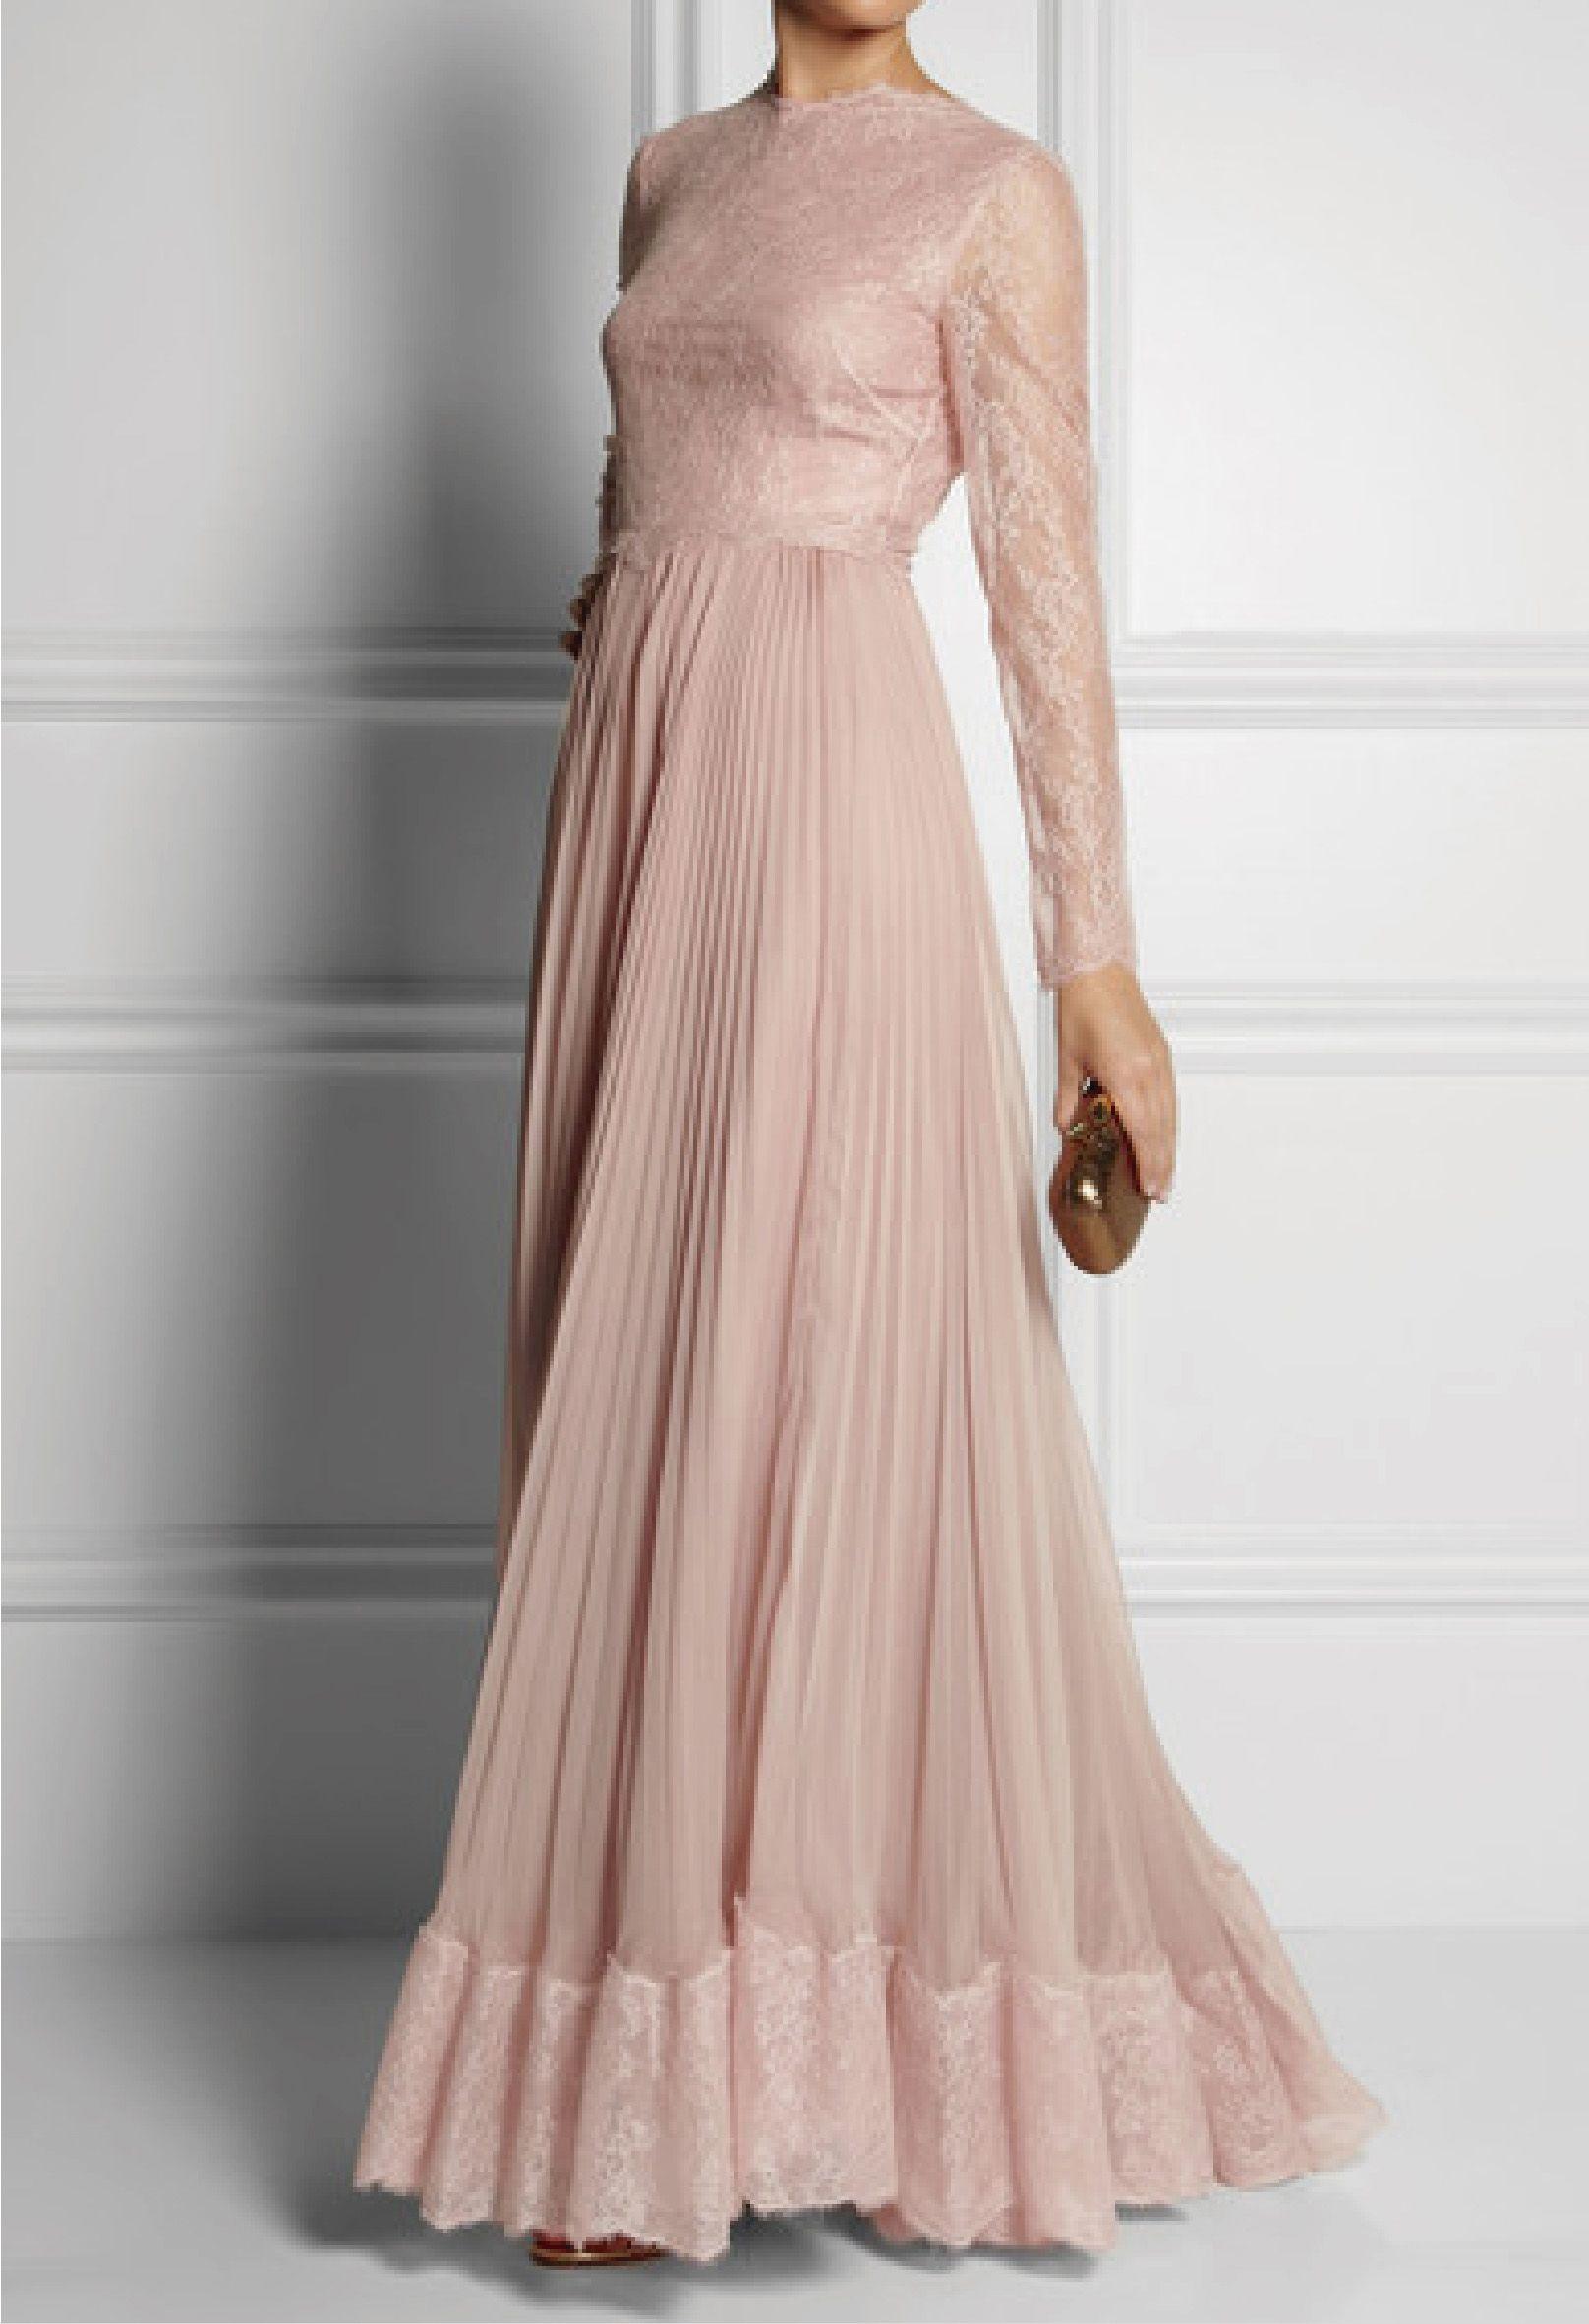 Valentino | DRESSES | Pinterest | Vestidos de fiesta, Vestiditos y ...